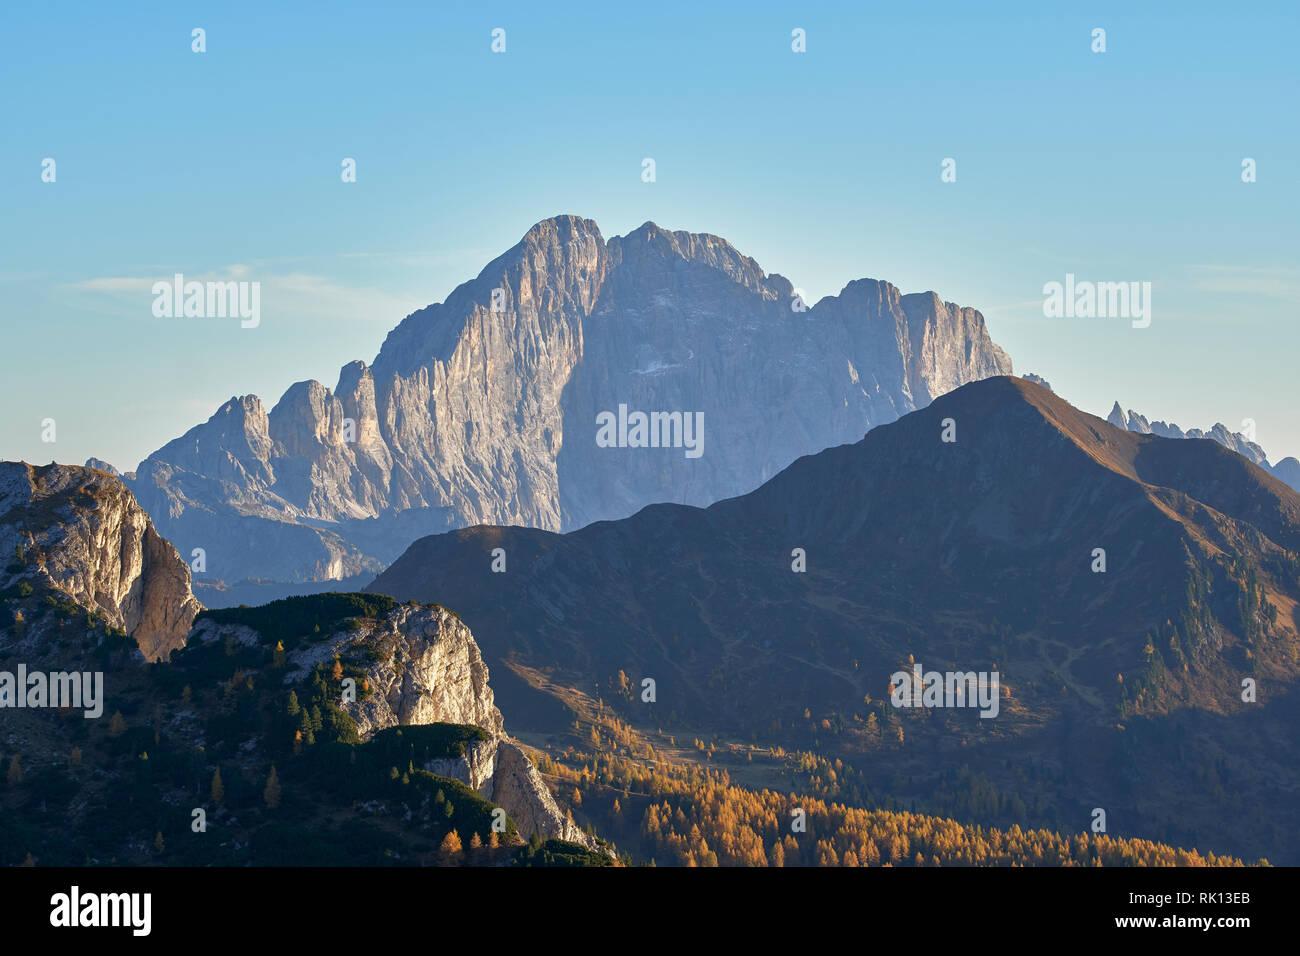 View to Monte Civetta from near the Falzarego Pass, Dolomites, Belluno, Veneto, Italy - Stock Image